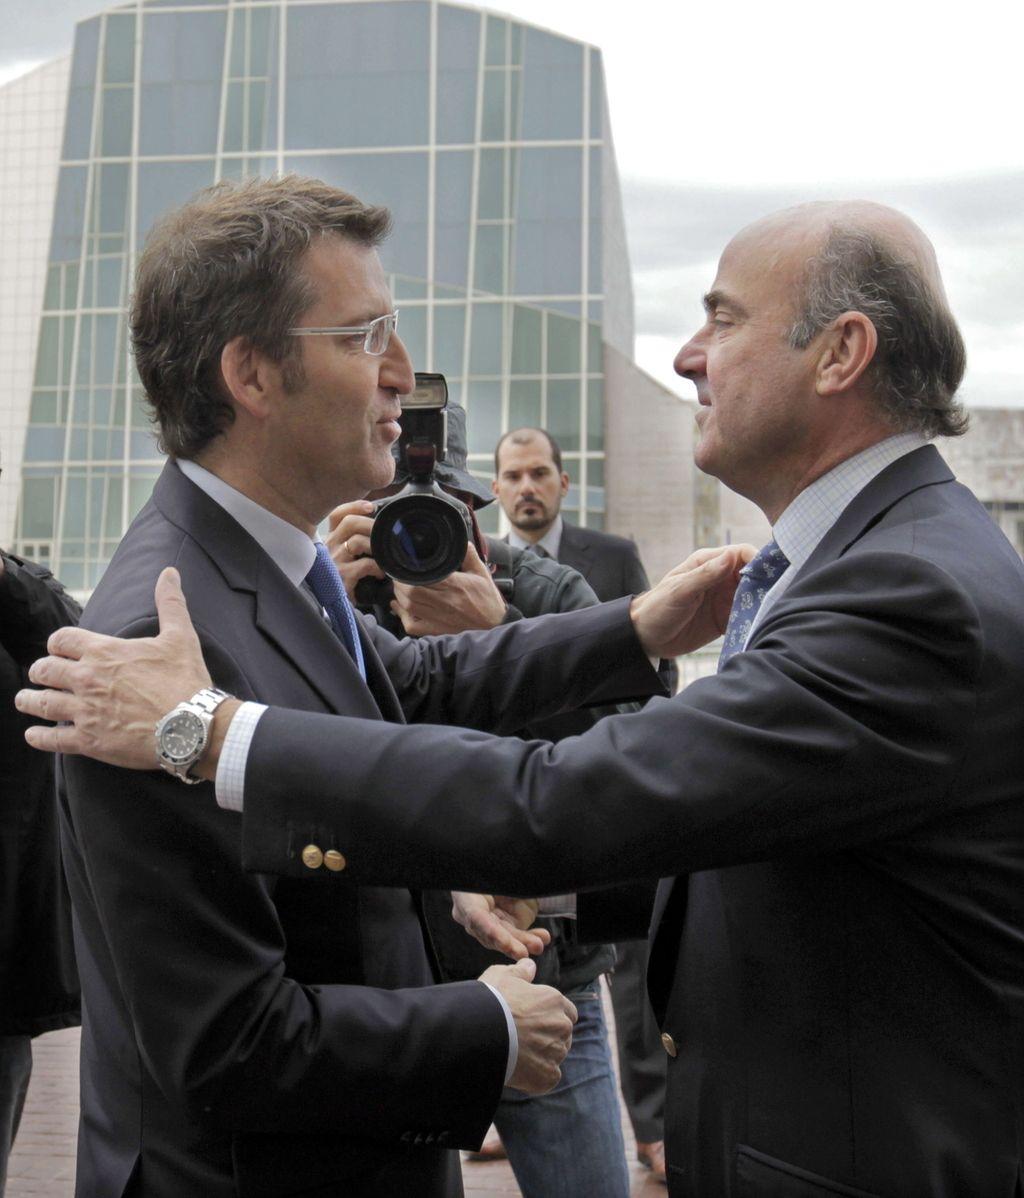 El presidente de la Xunta, Alberto Núñez Feijóo recibe al ministro de Economía, Luis de Guindos